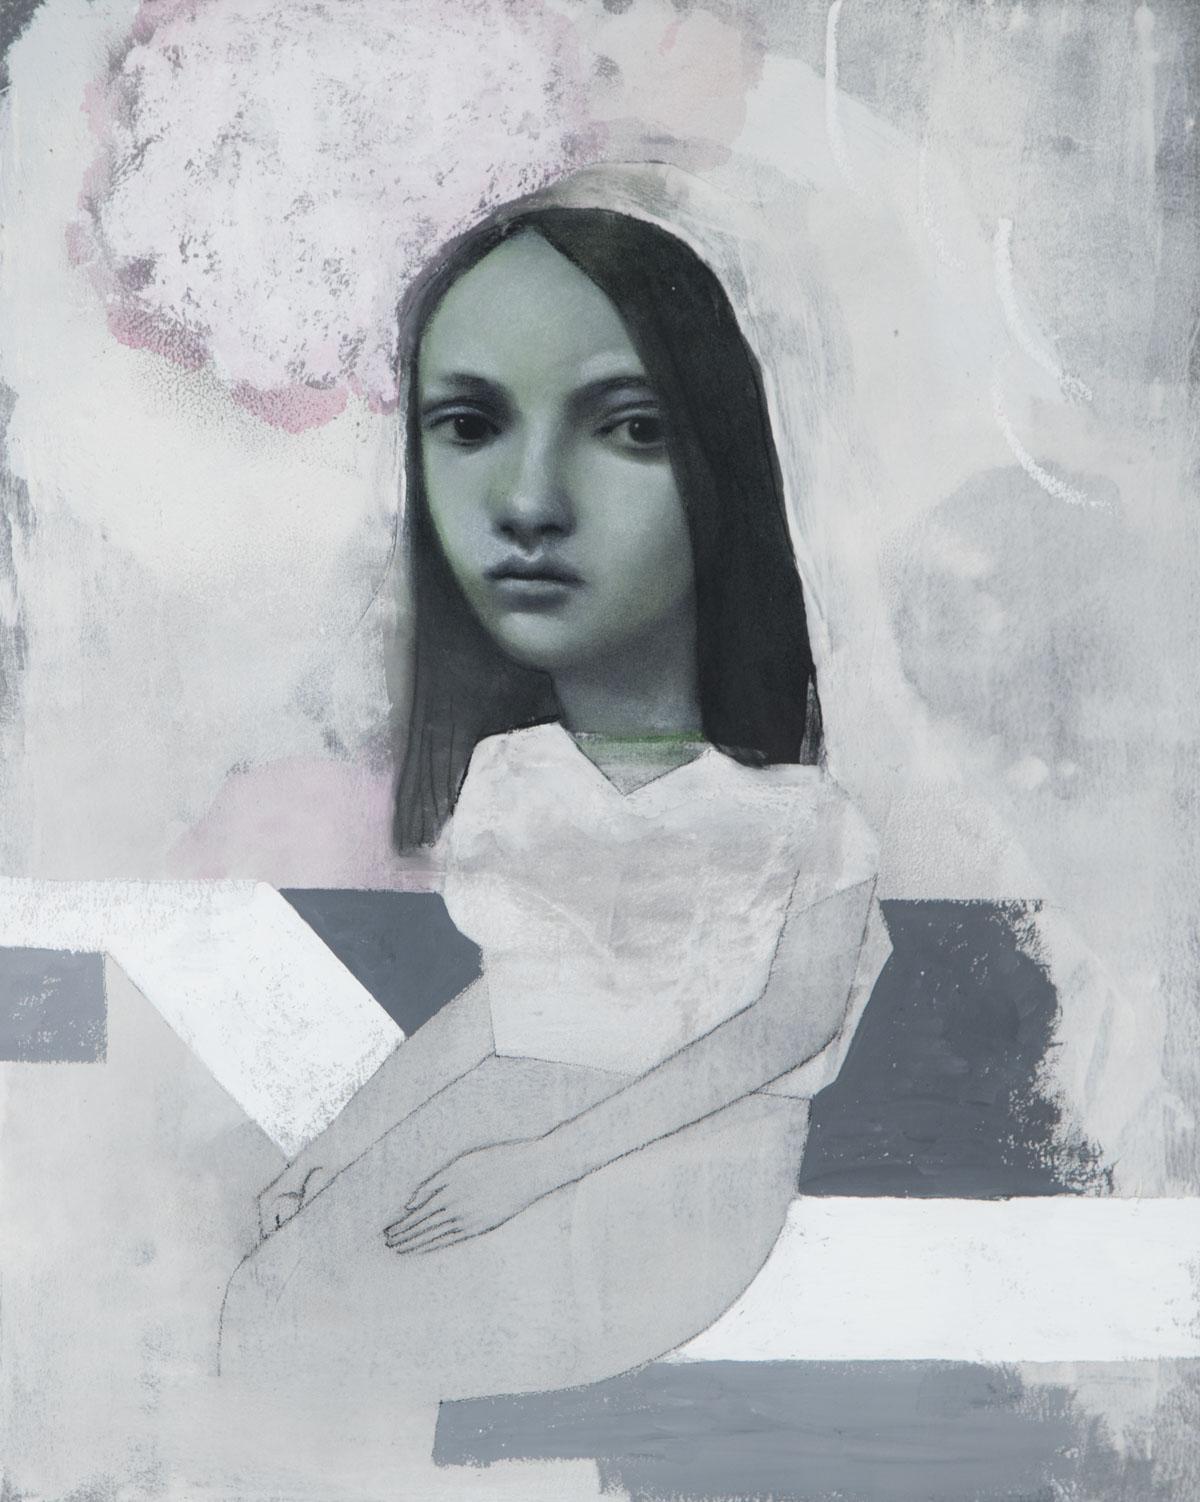 PÑ008 Spleen I Técnica mixta sobre papel 50 x 40 cm 2020